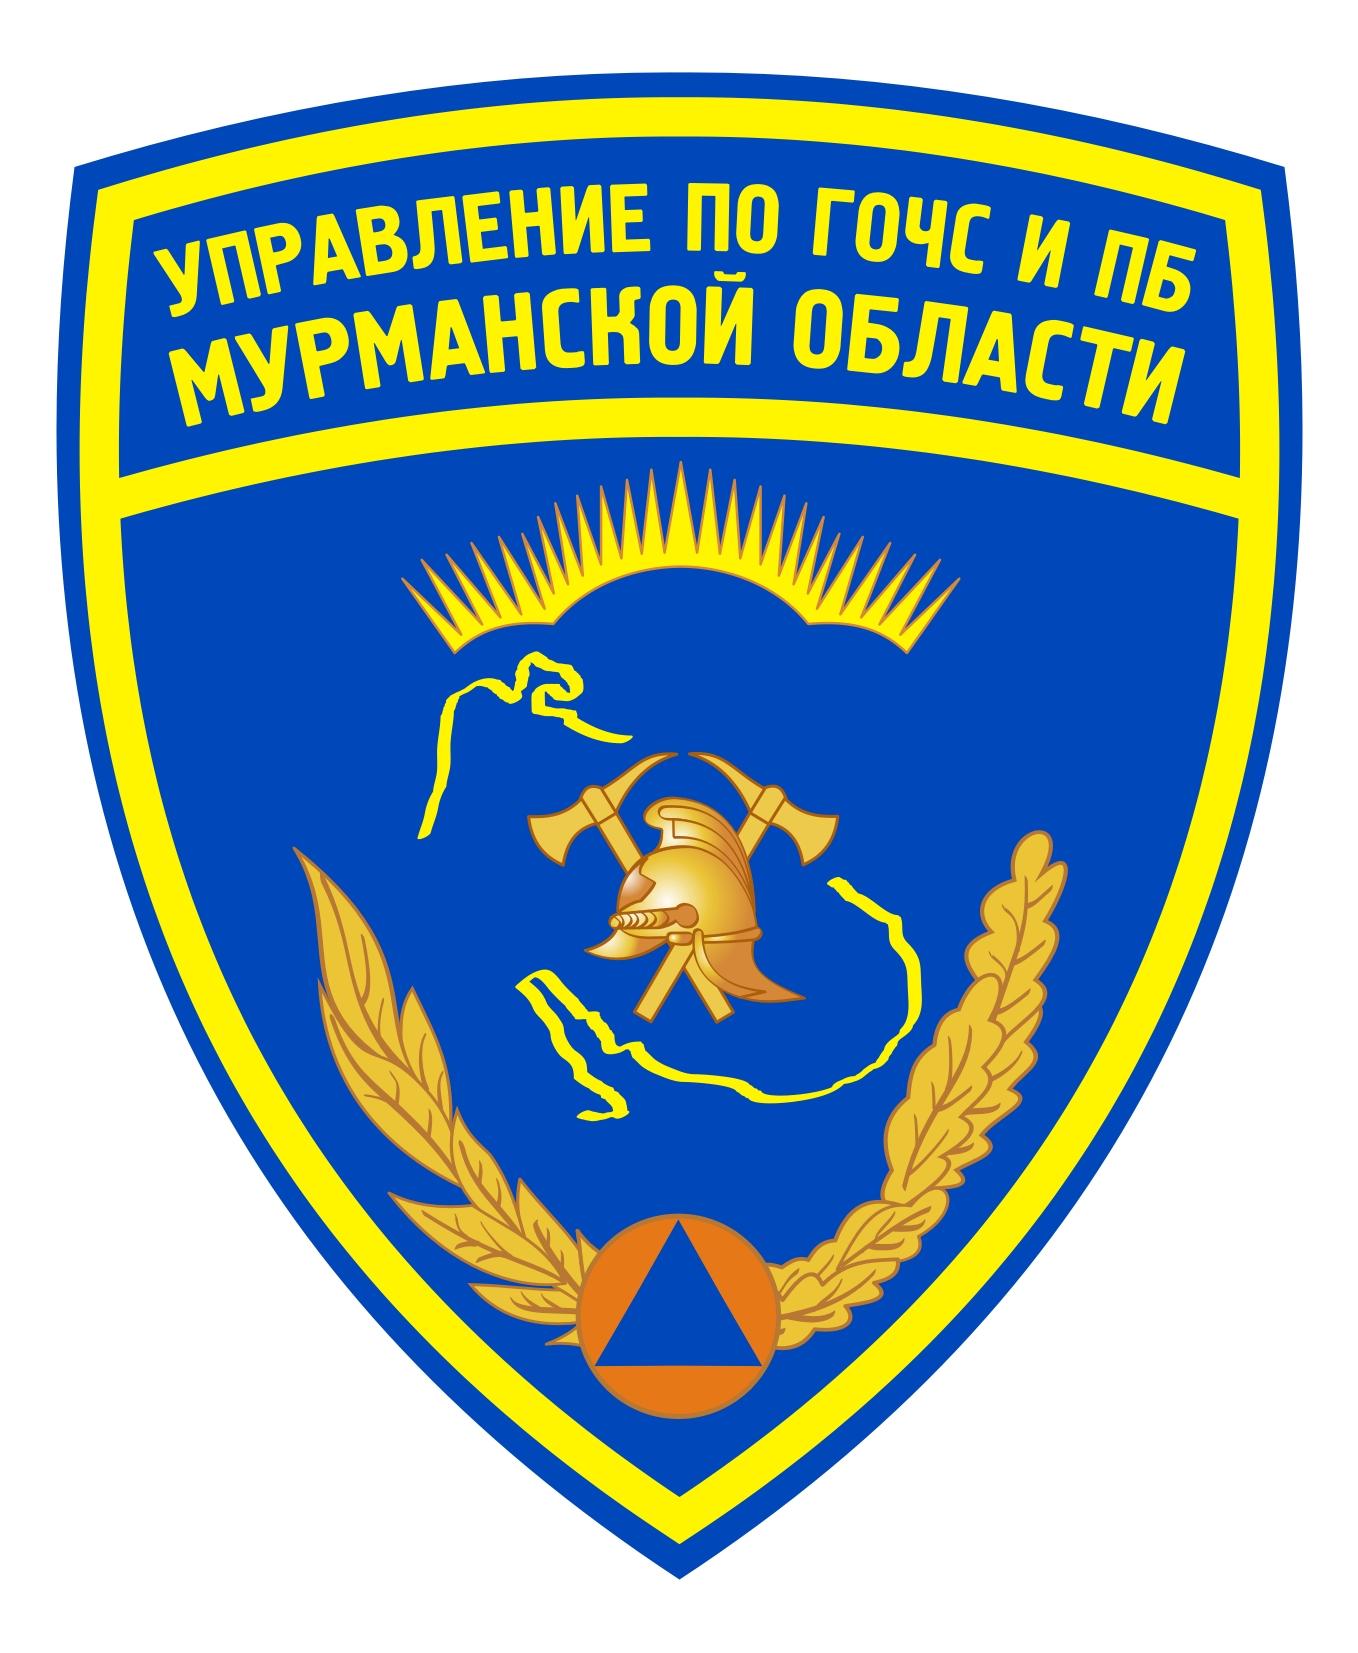 """Государственное областное казенное учреждение  """"Управление по делам гражданской обороны, защите населения  от чрезвычайных ситуаций и пожарной безопасности  Мурманской области"""""""